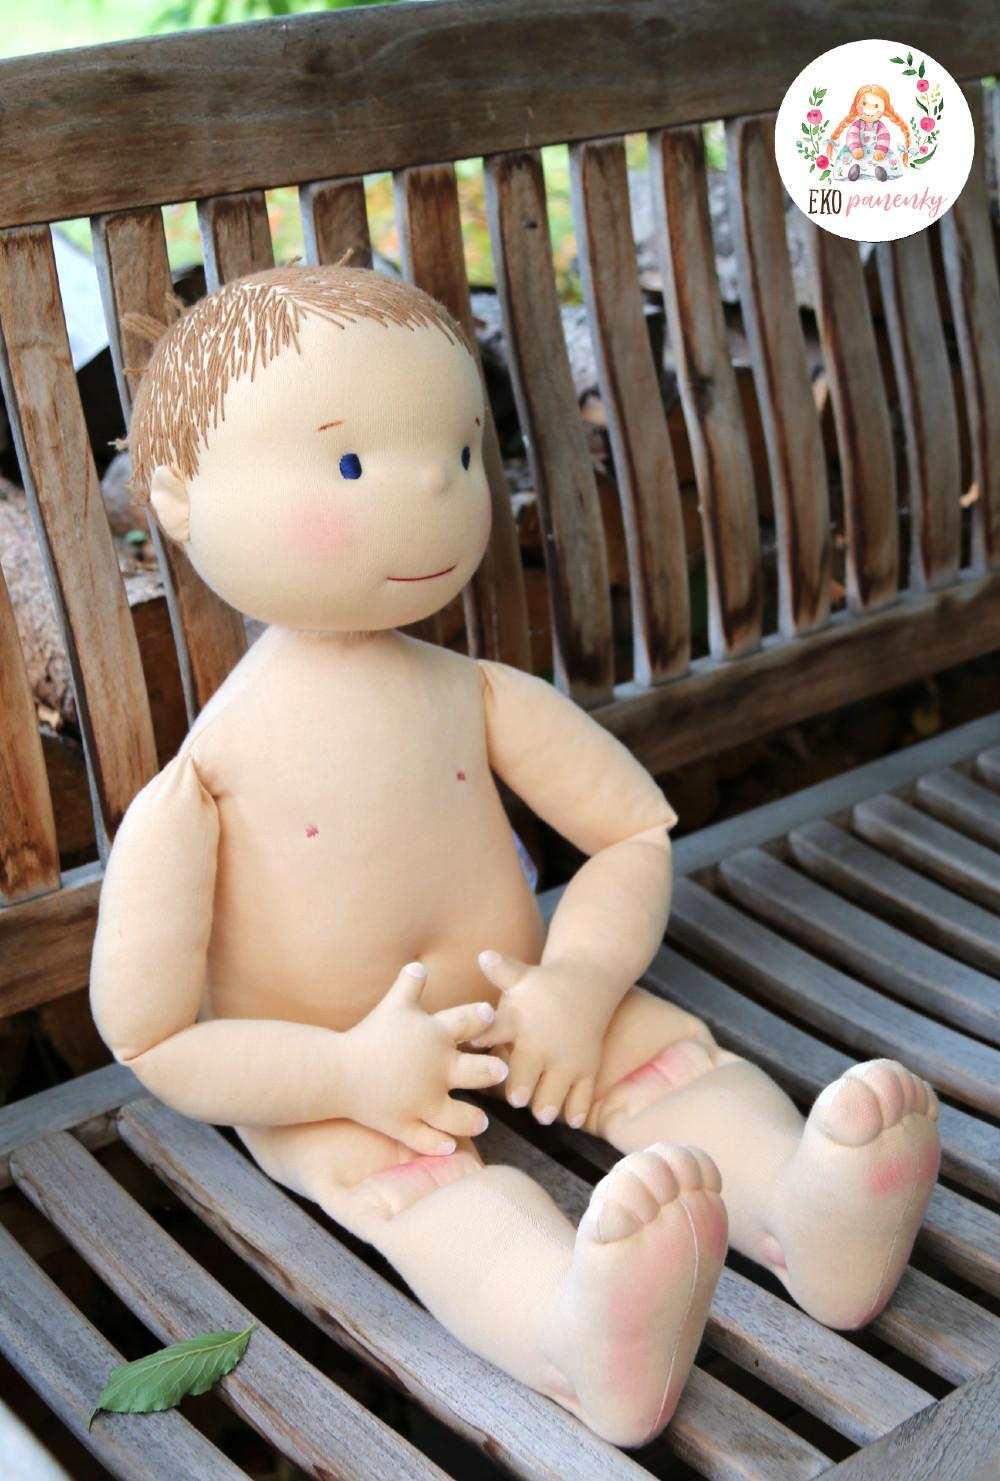 Fyzio panenka na zakázku, látková panenka k výuce čínských masáží a akupunktury